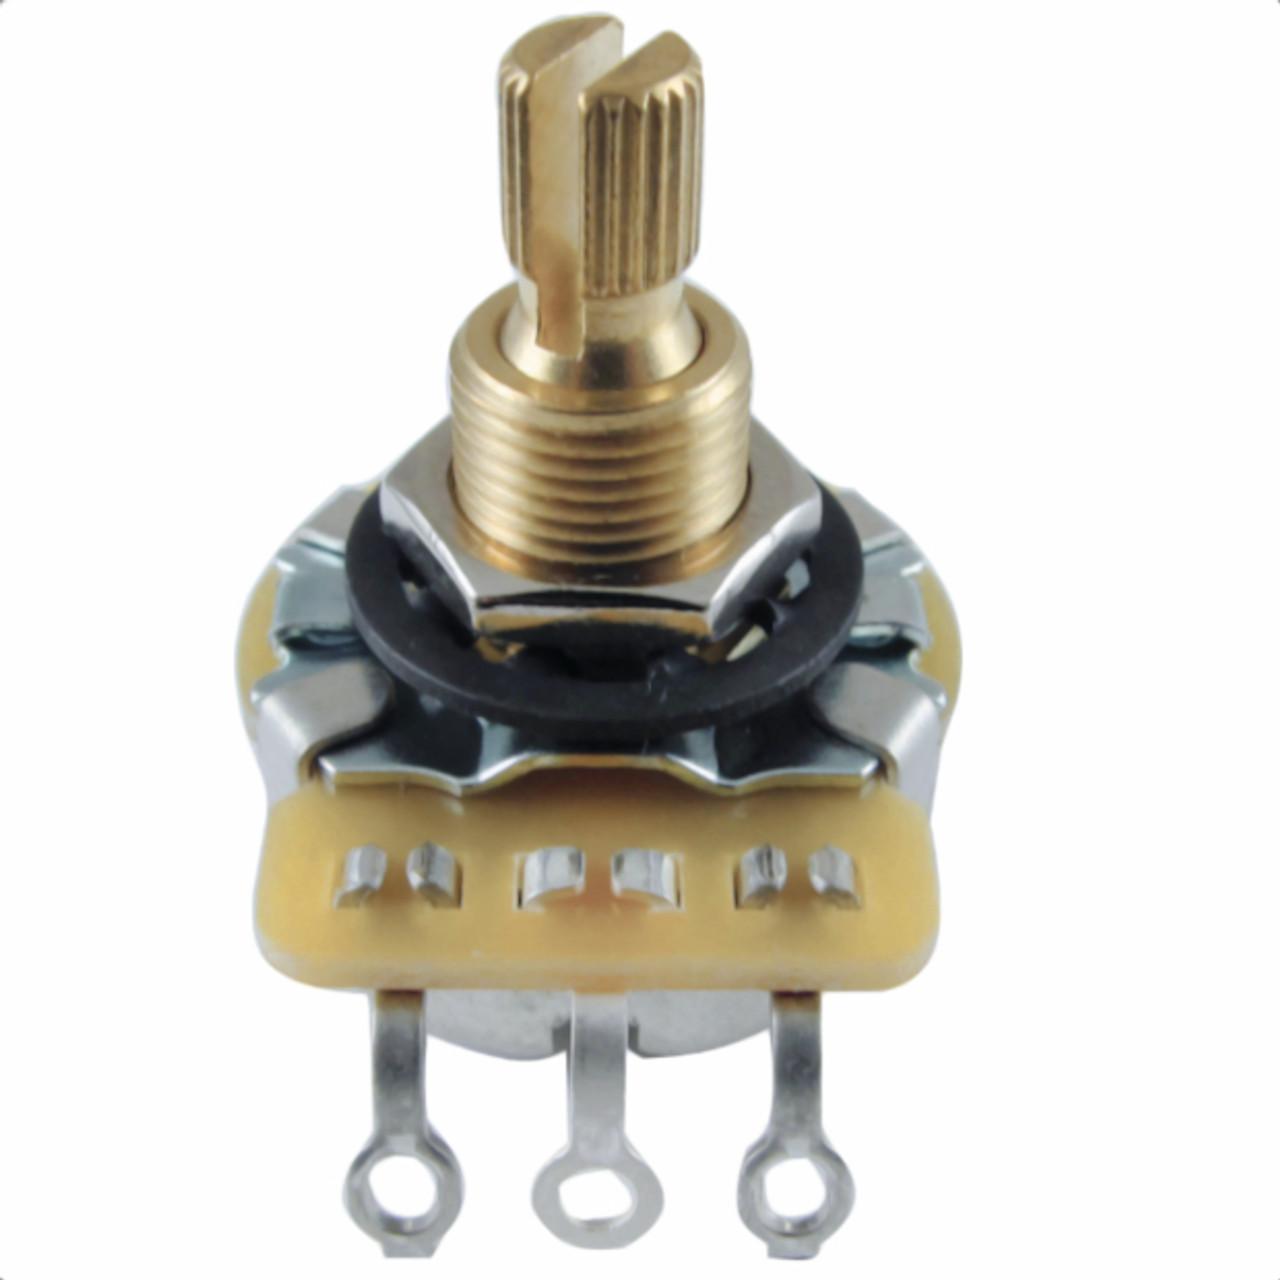 CTS 250K No Load/Blender Pro Guitar Pot w/ Brass Shaft